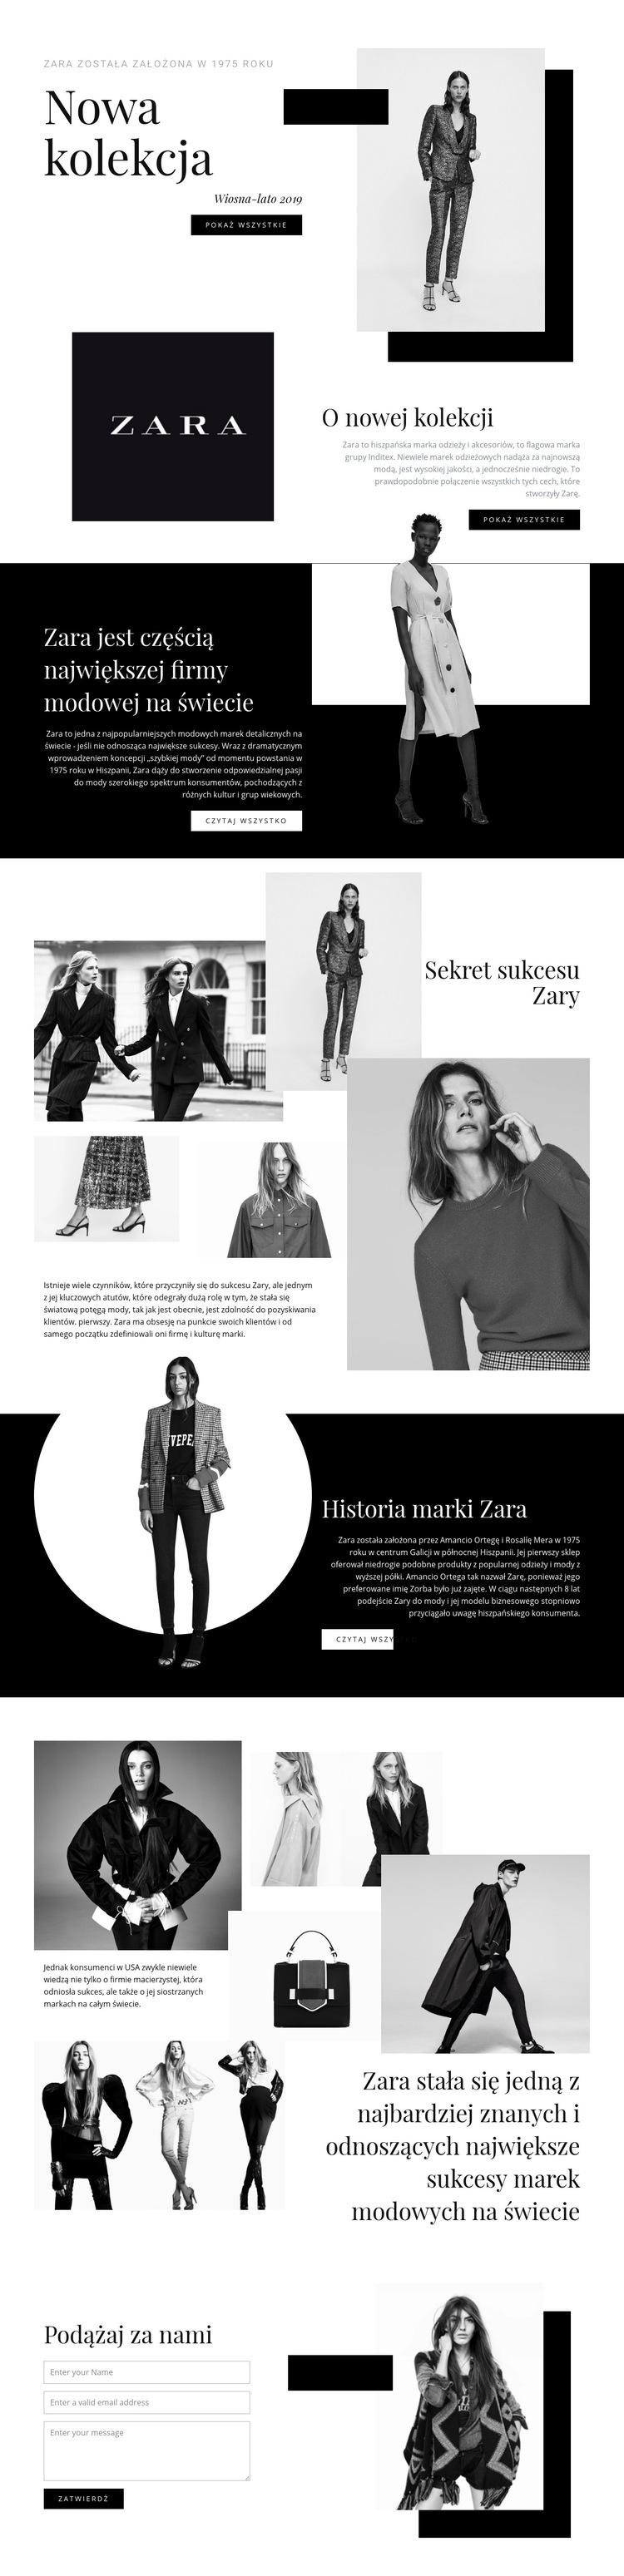 Kolekcja Zara Szablon witryny sieci Web